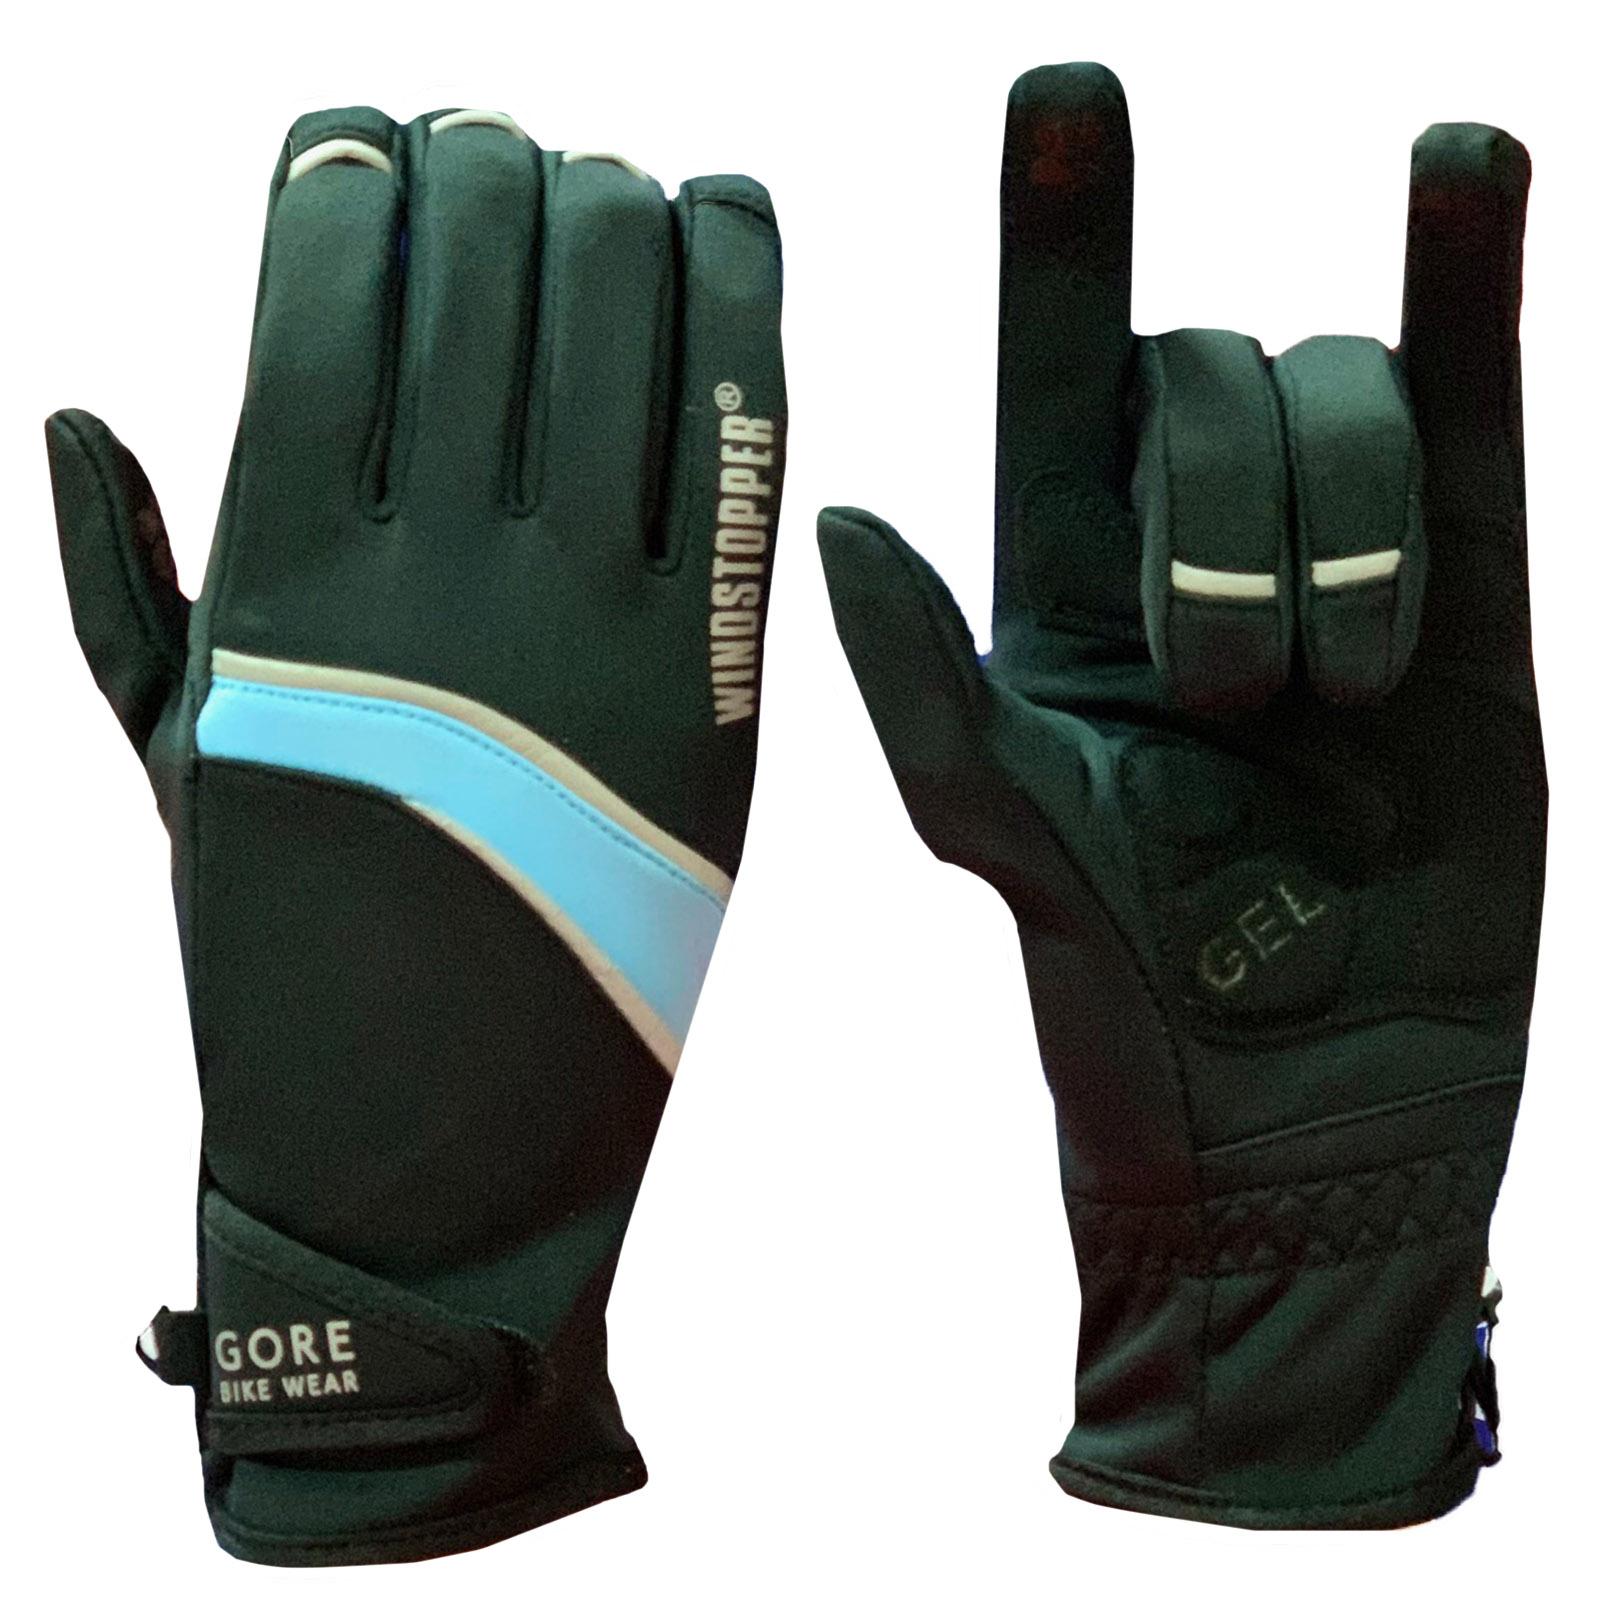 Эксклюзивные чопперские перчатки от Gore Bike Wear